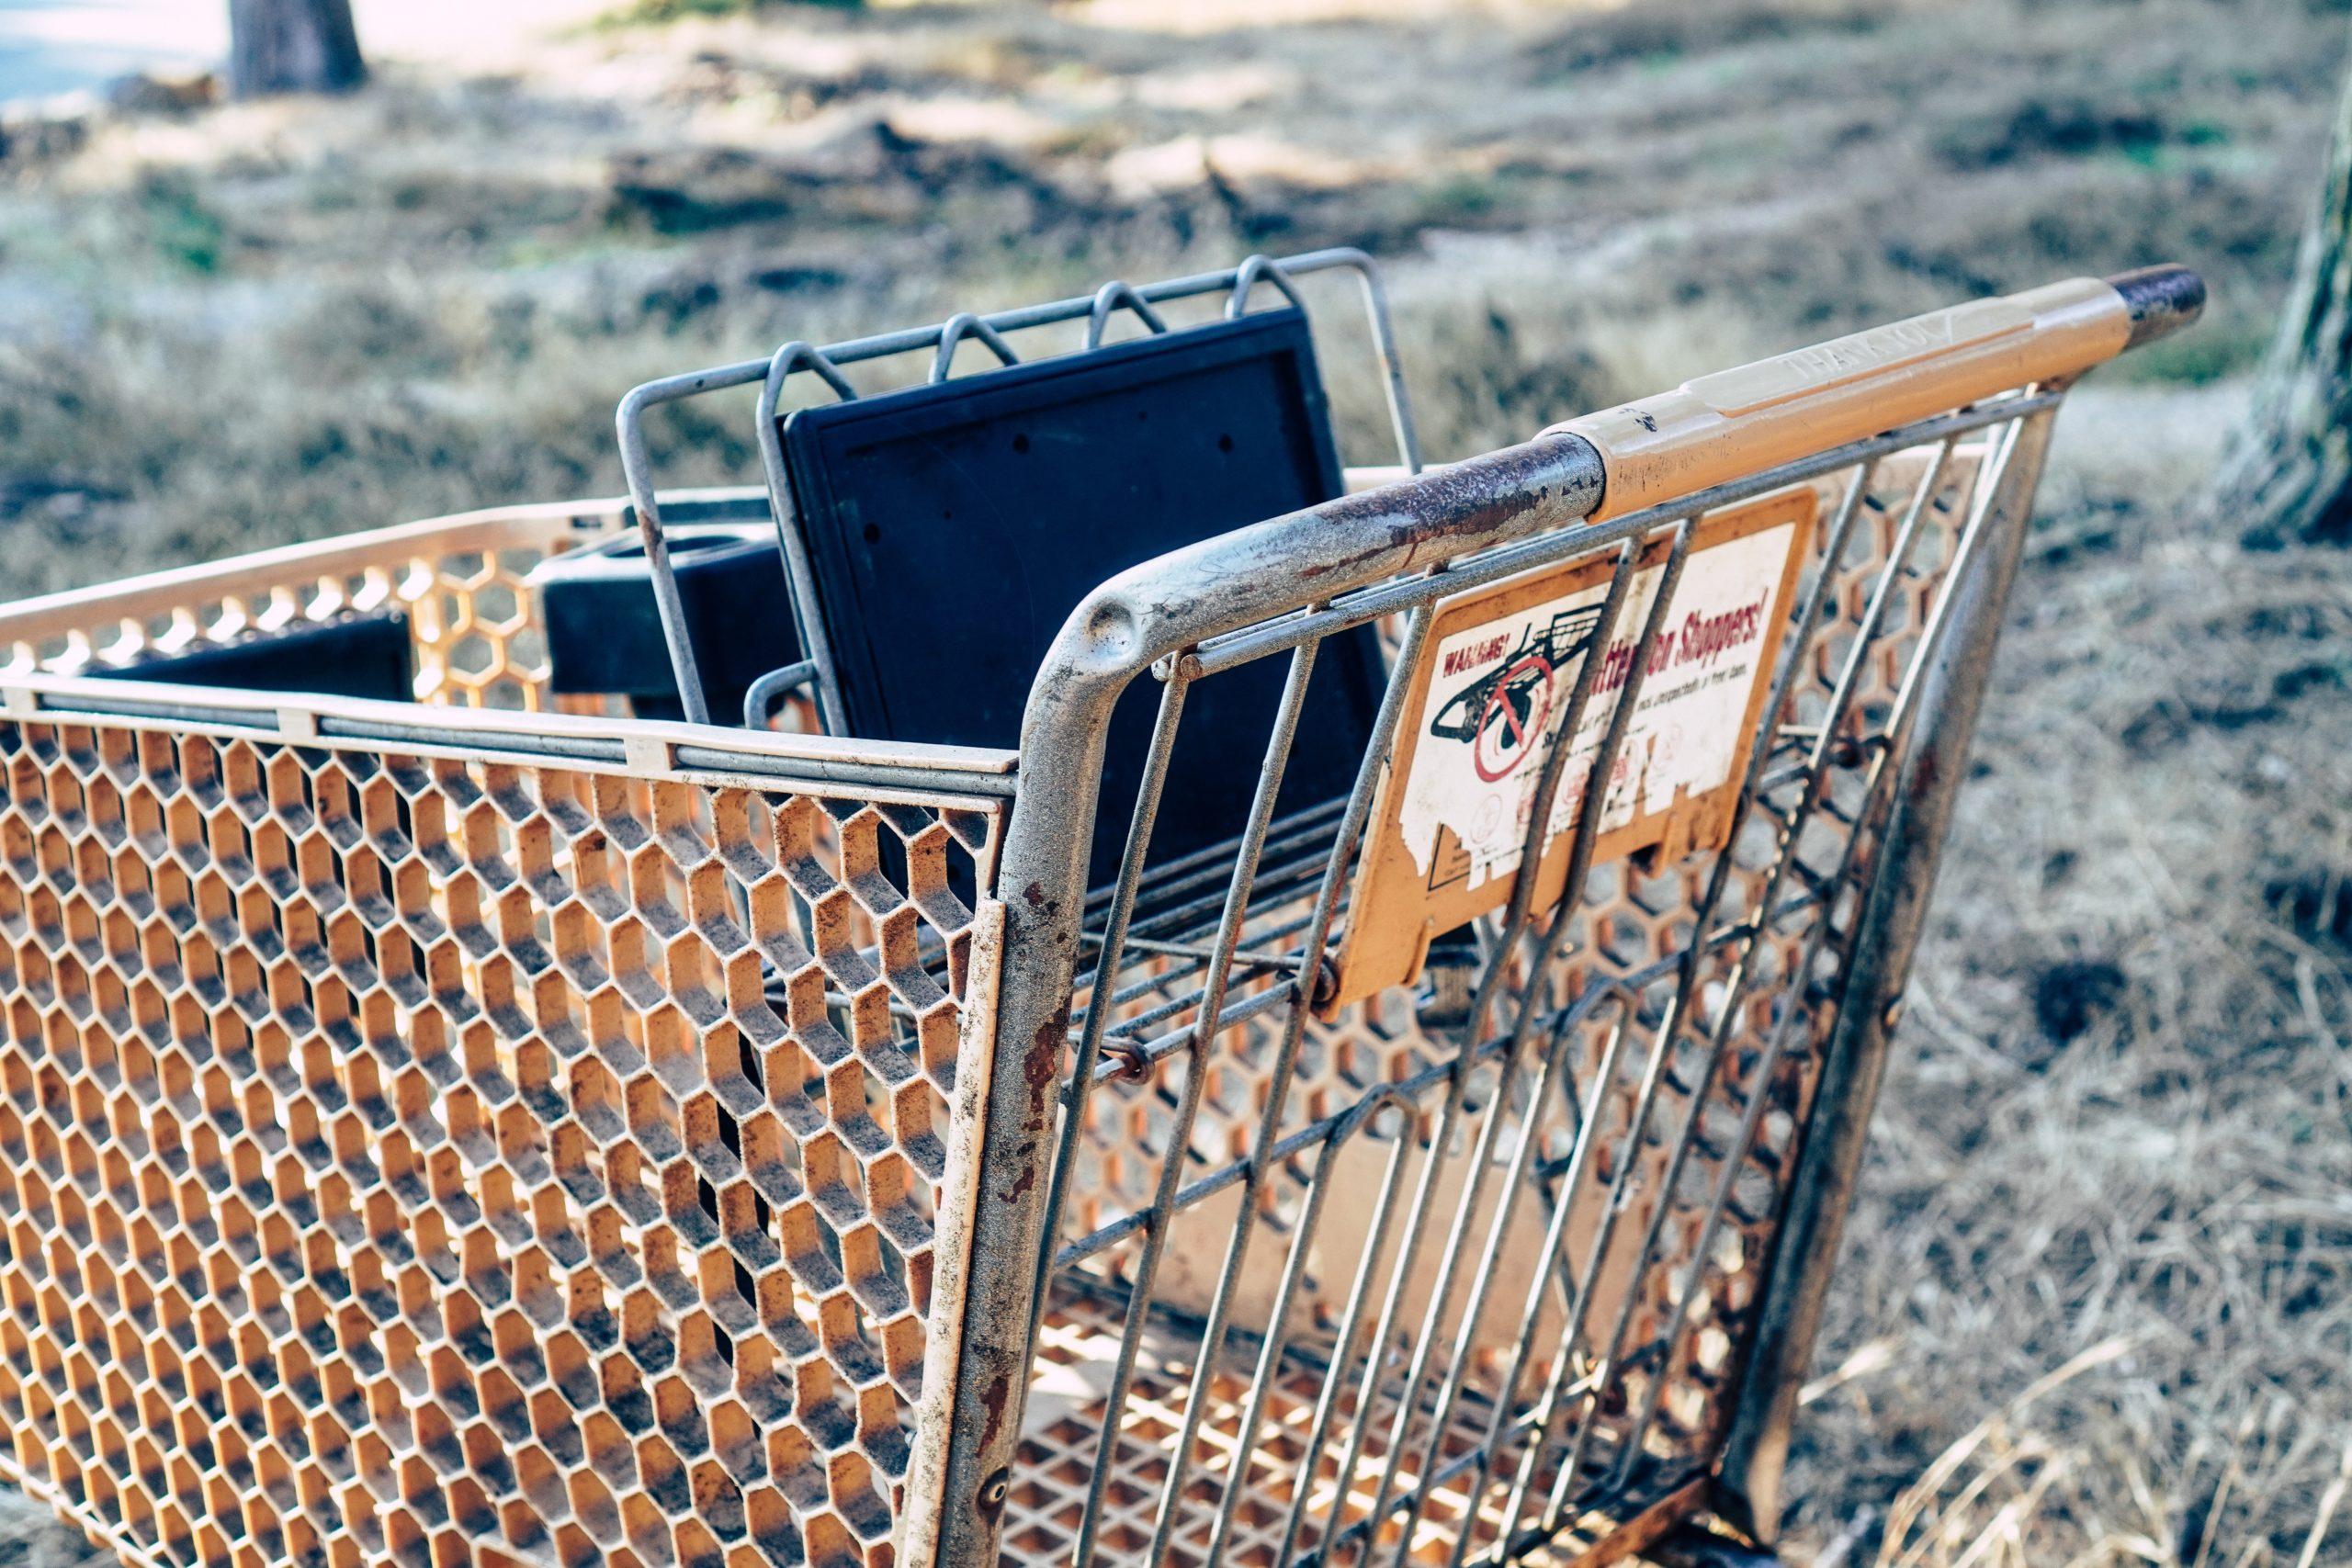 optimize your cart